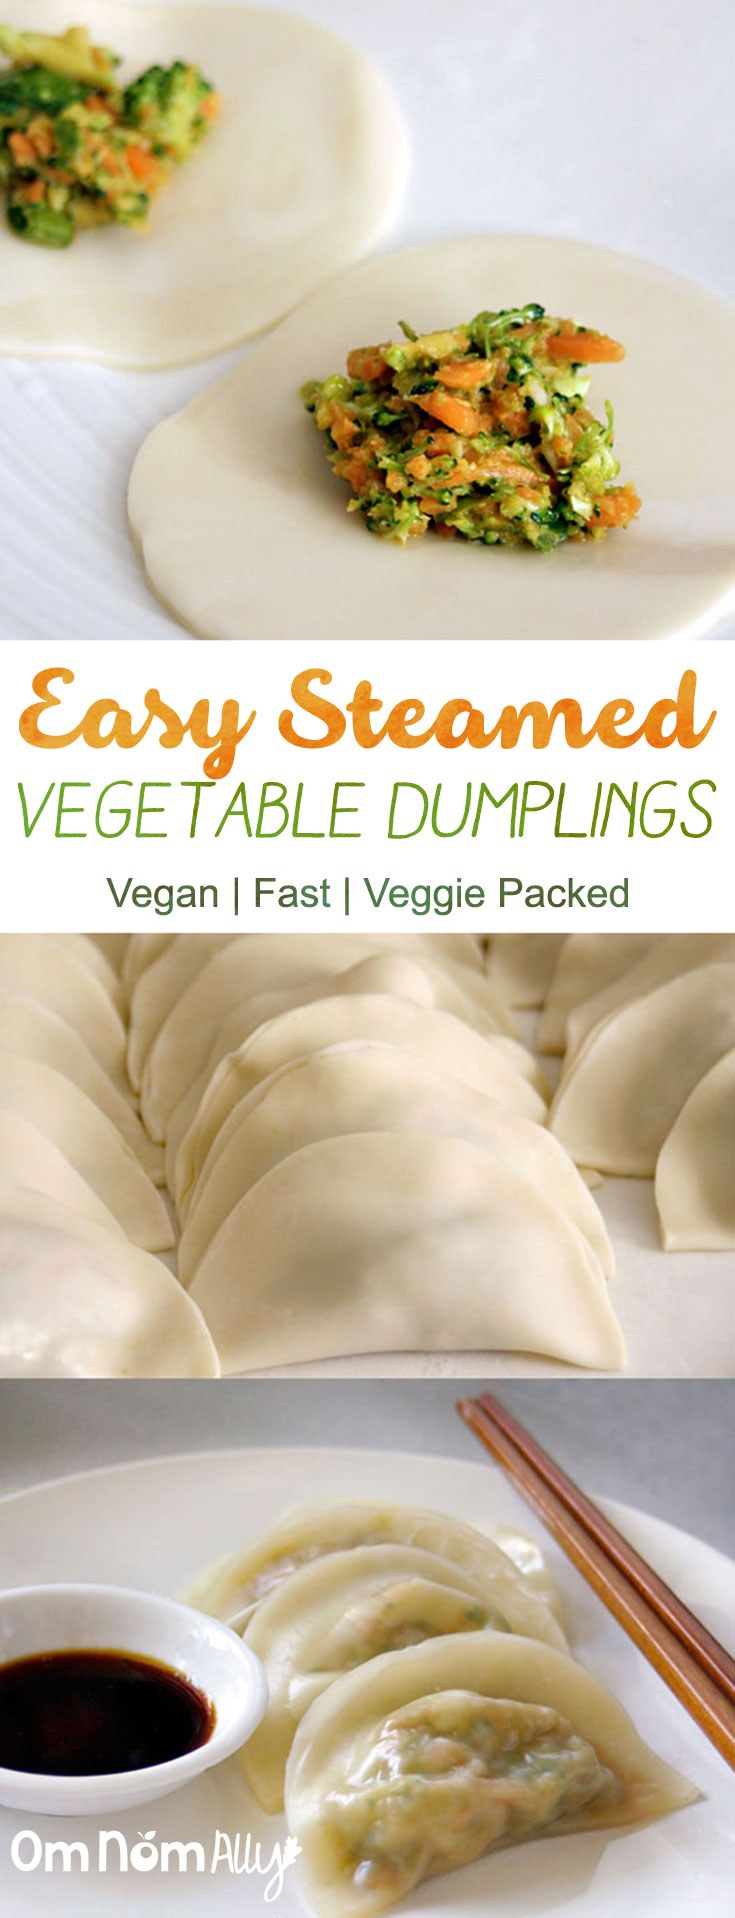 Easy Steamed Vegetable Dumplings @OmNomAlly